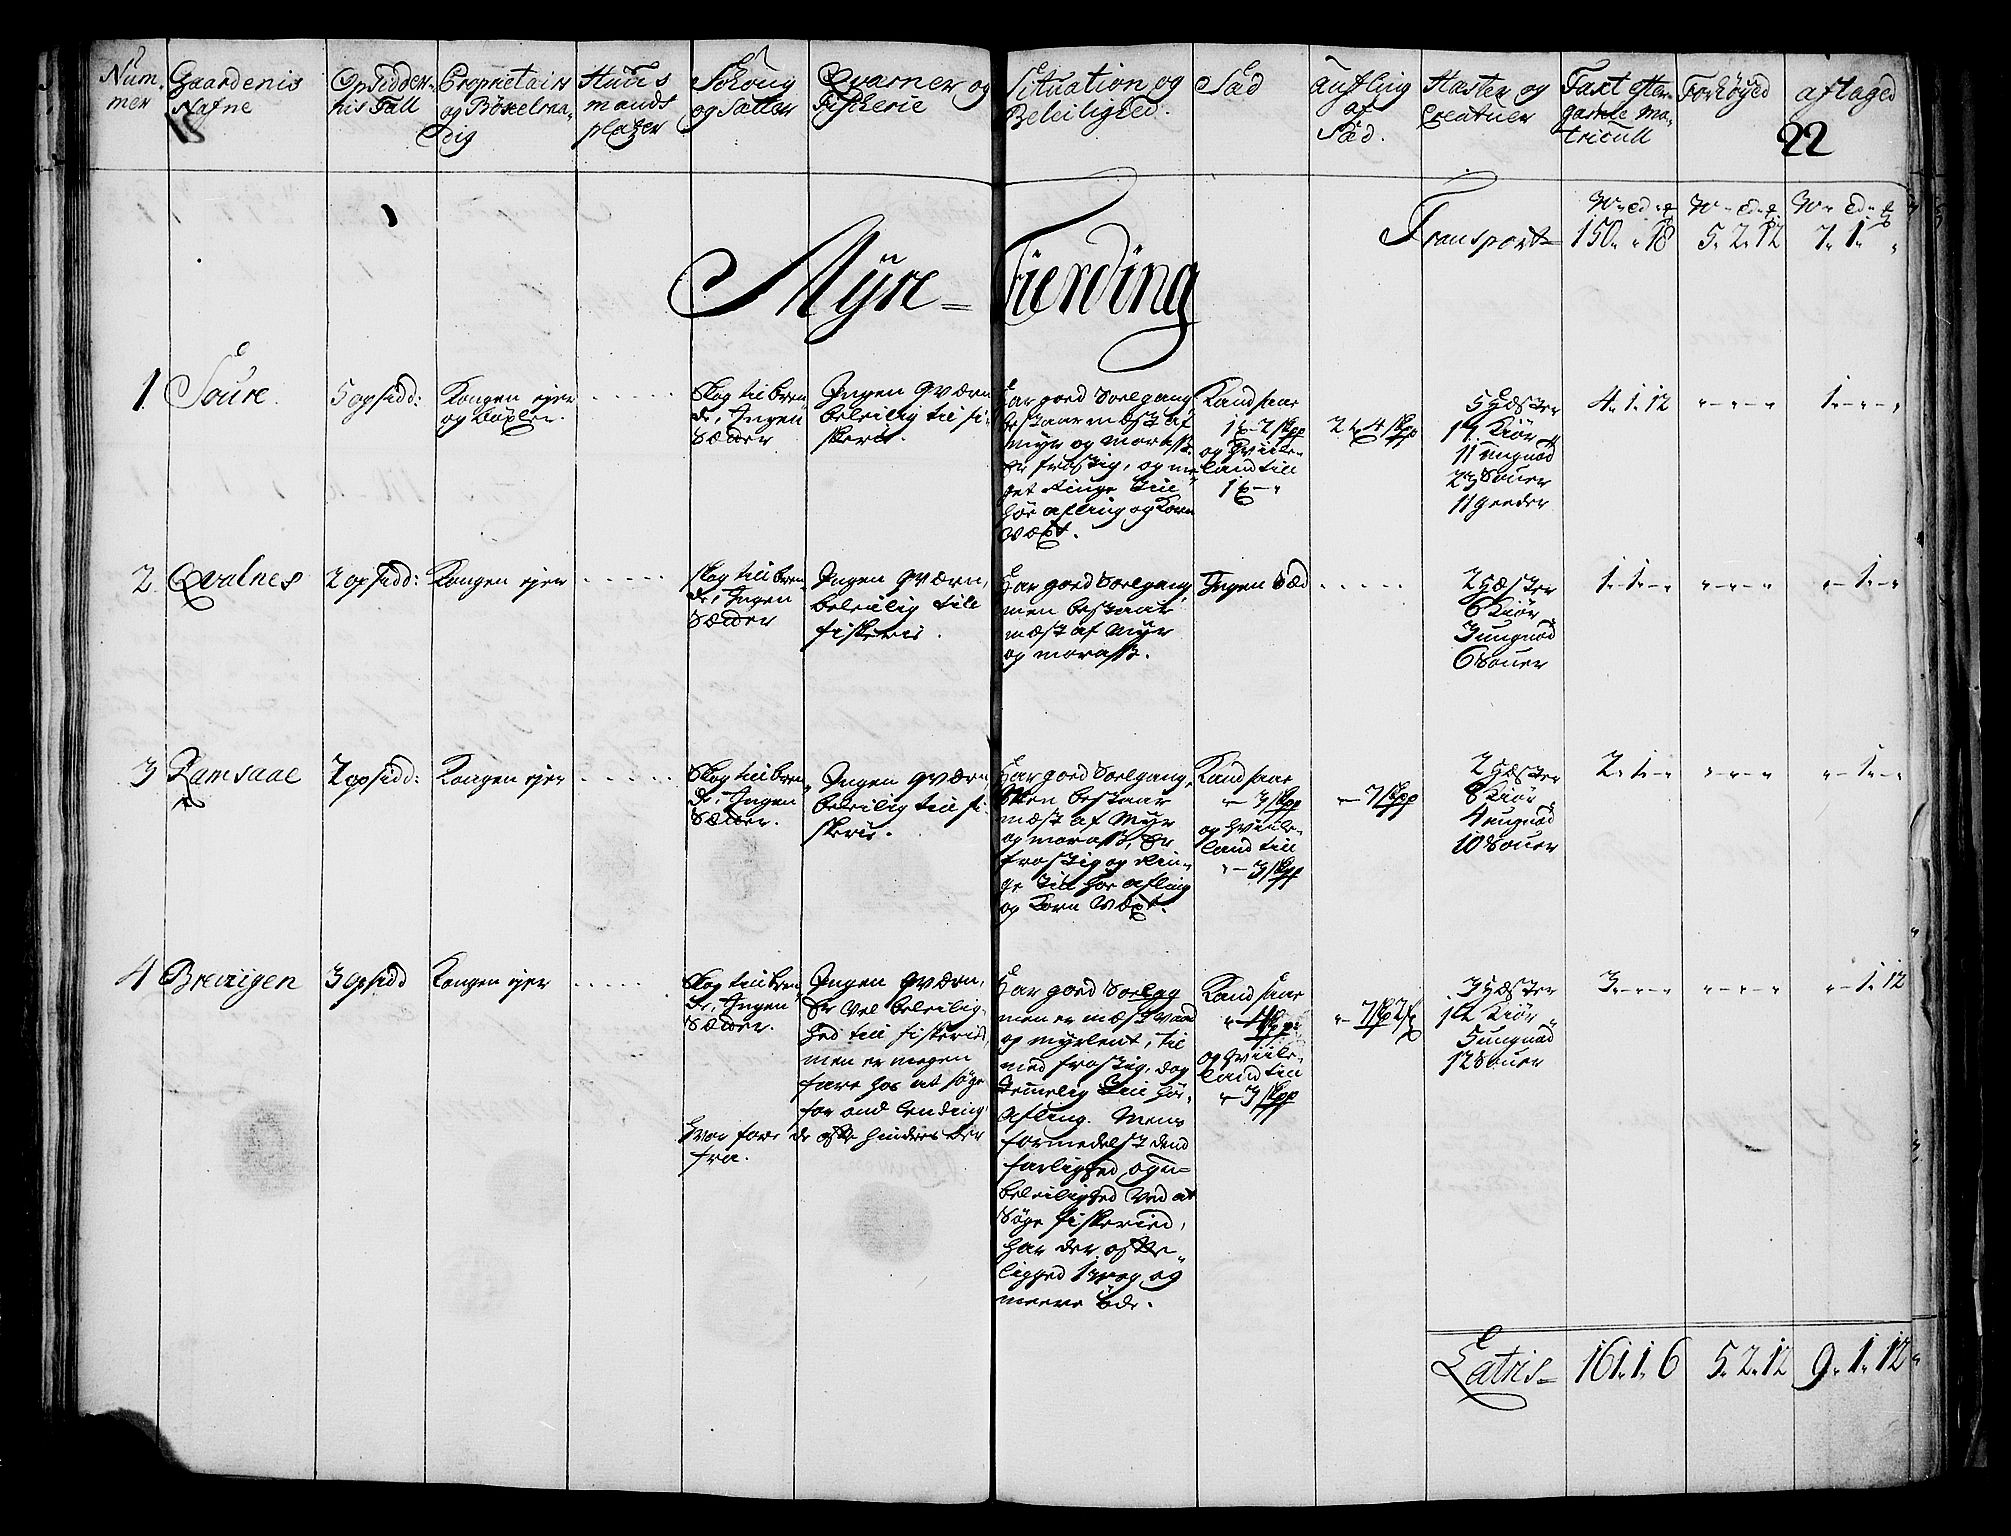 RA, Rentekammeret inntil 1814, Realistisk ordnet avdeling, N/Nb/Nbf/L0176: Vesterålen og Andenes eksaminasjonsprotokoll, 1723, s. 21b-22a